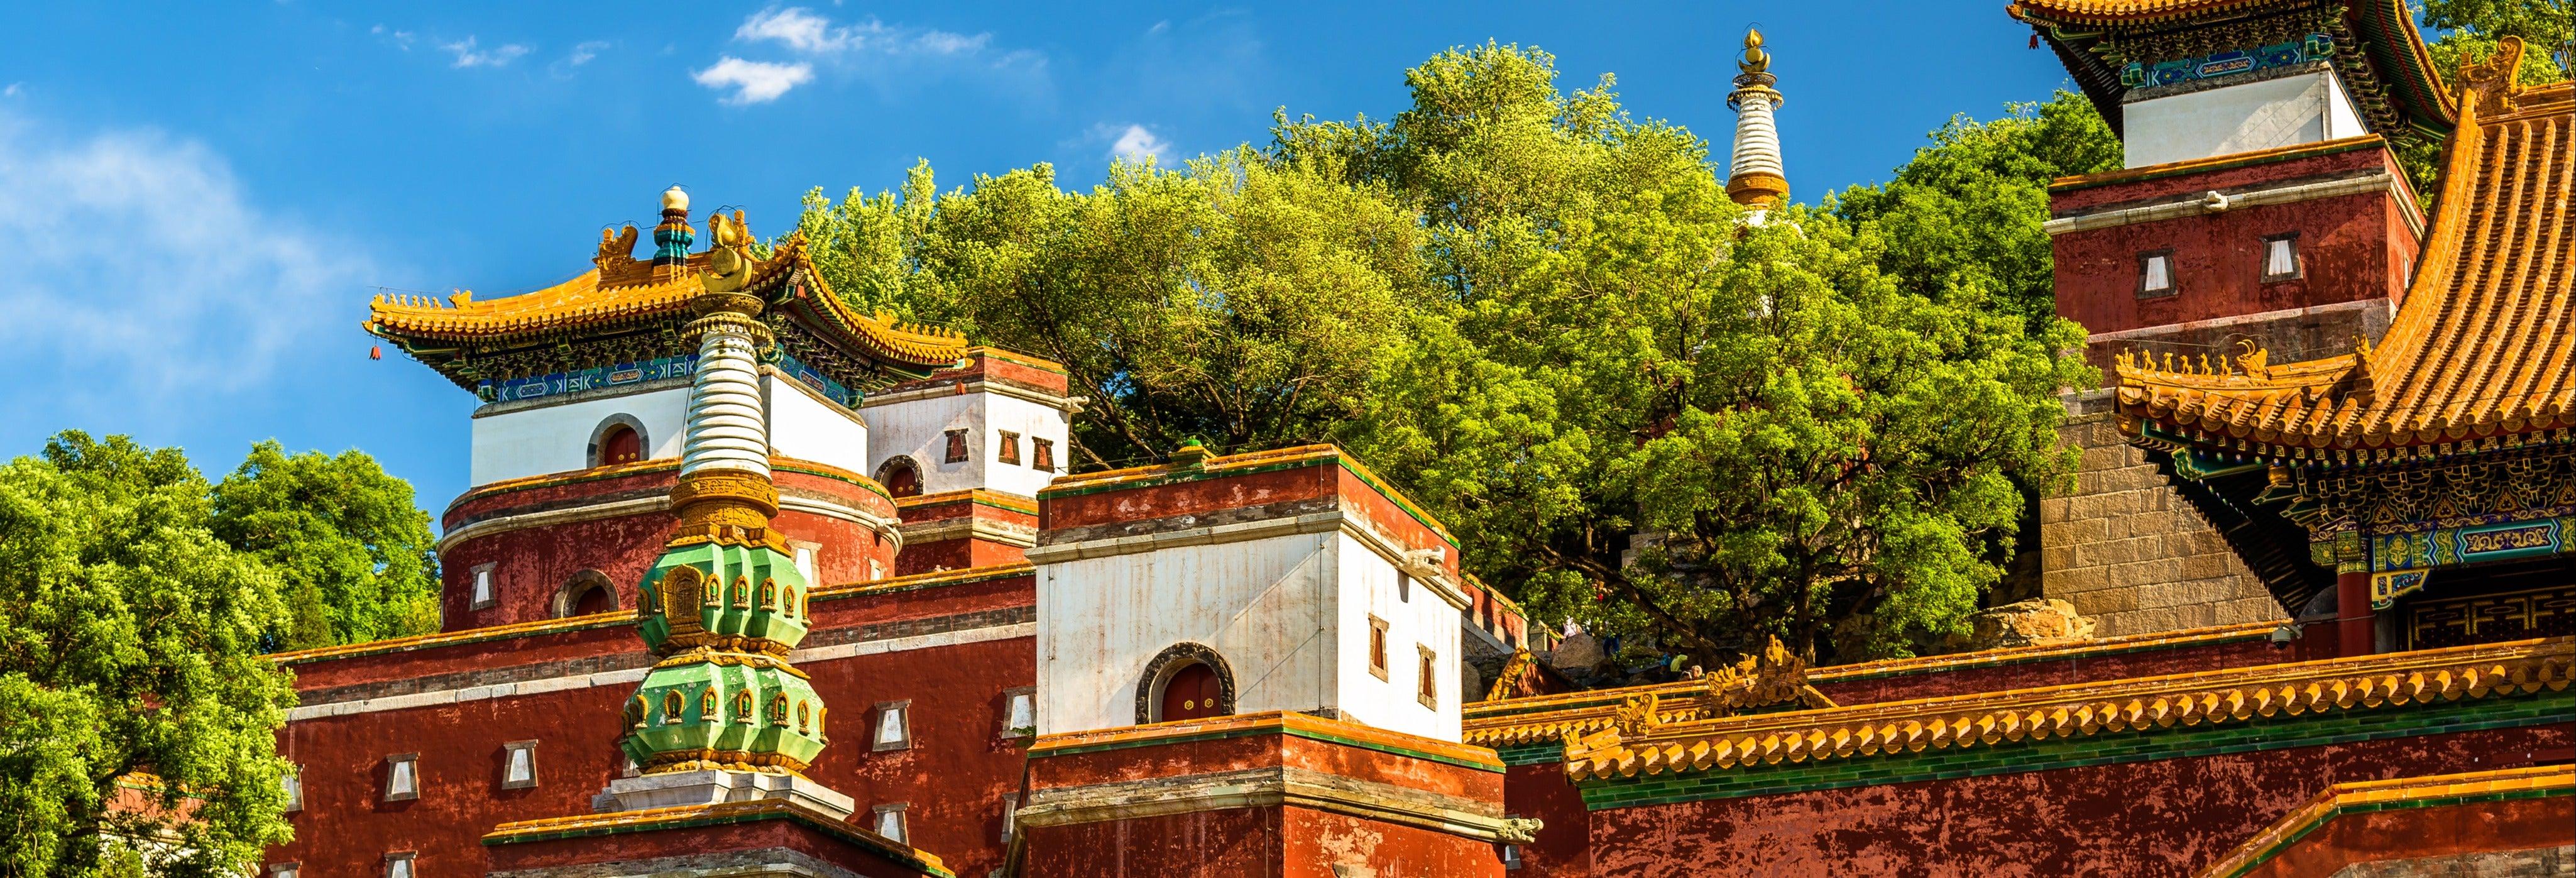 Tour pelo Palácio de Verão e o Templo dos Lamas